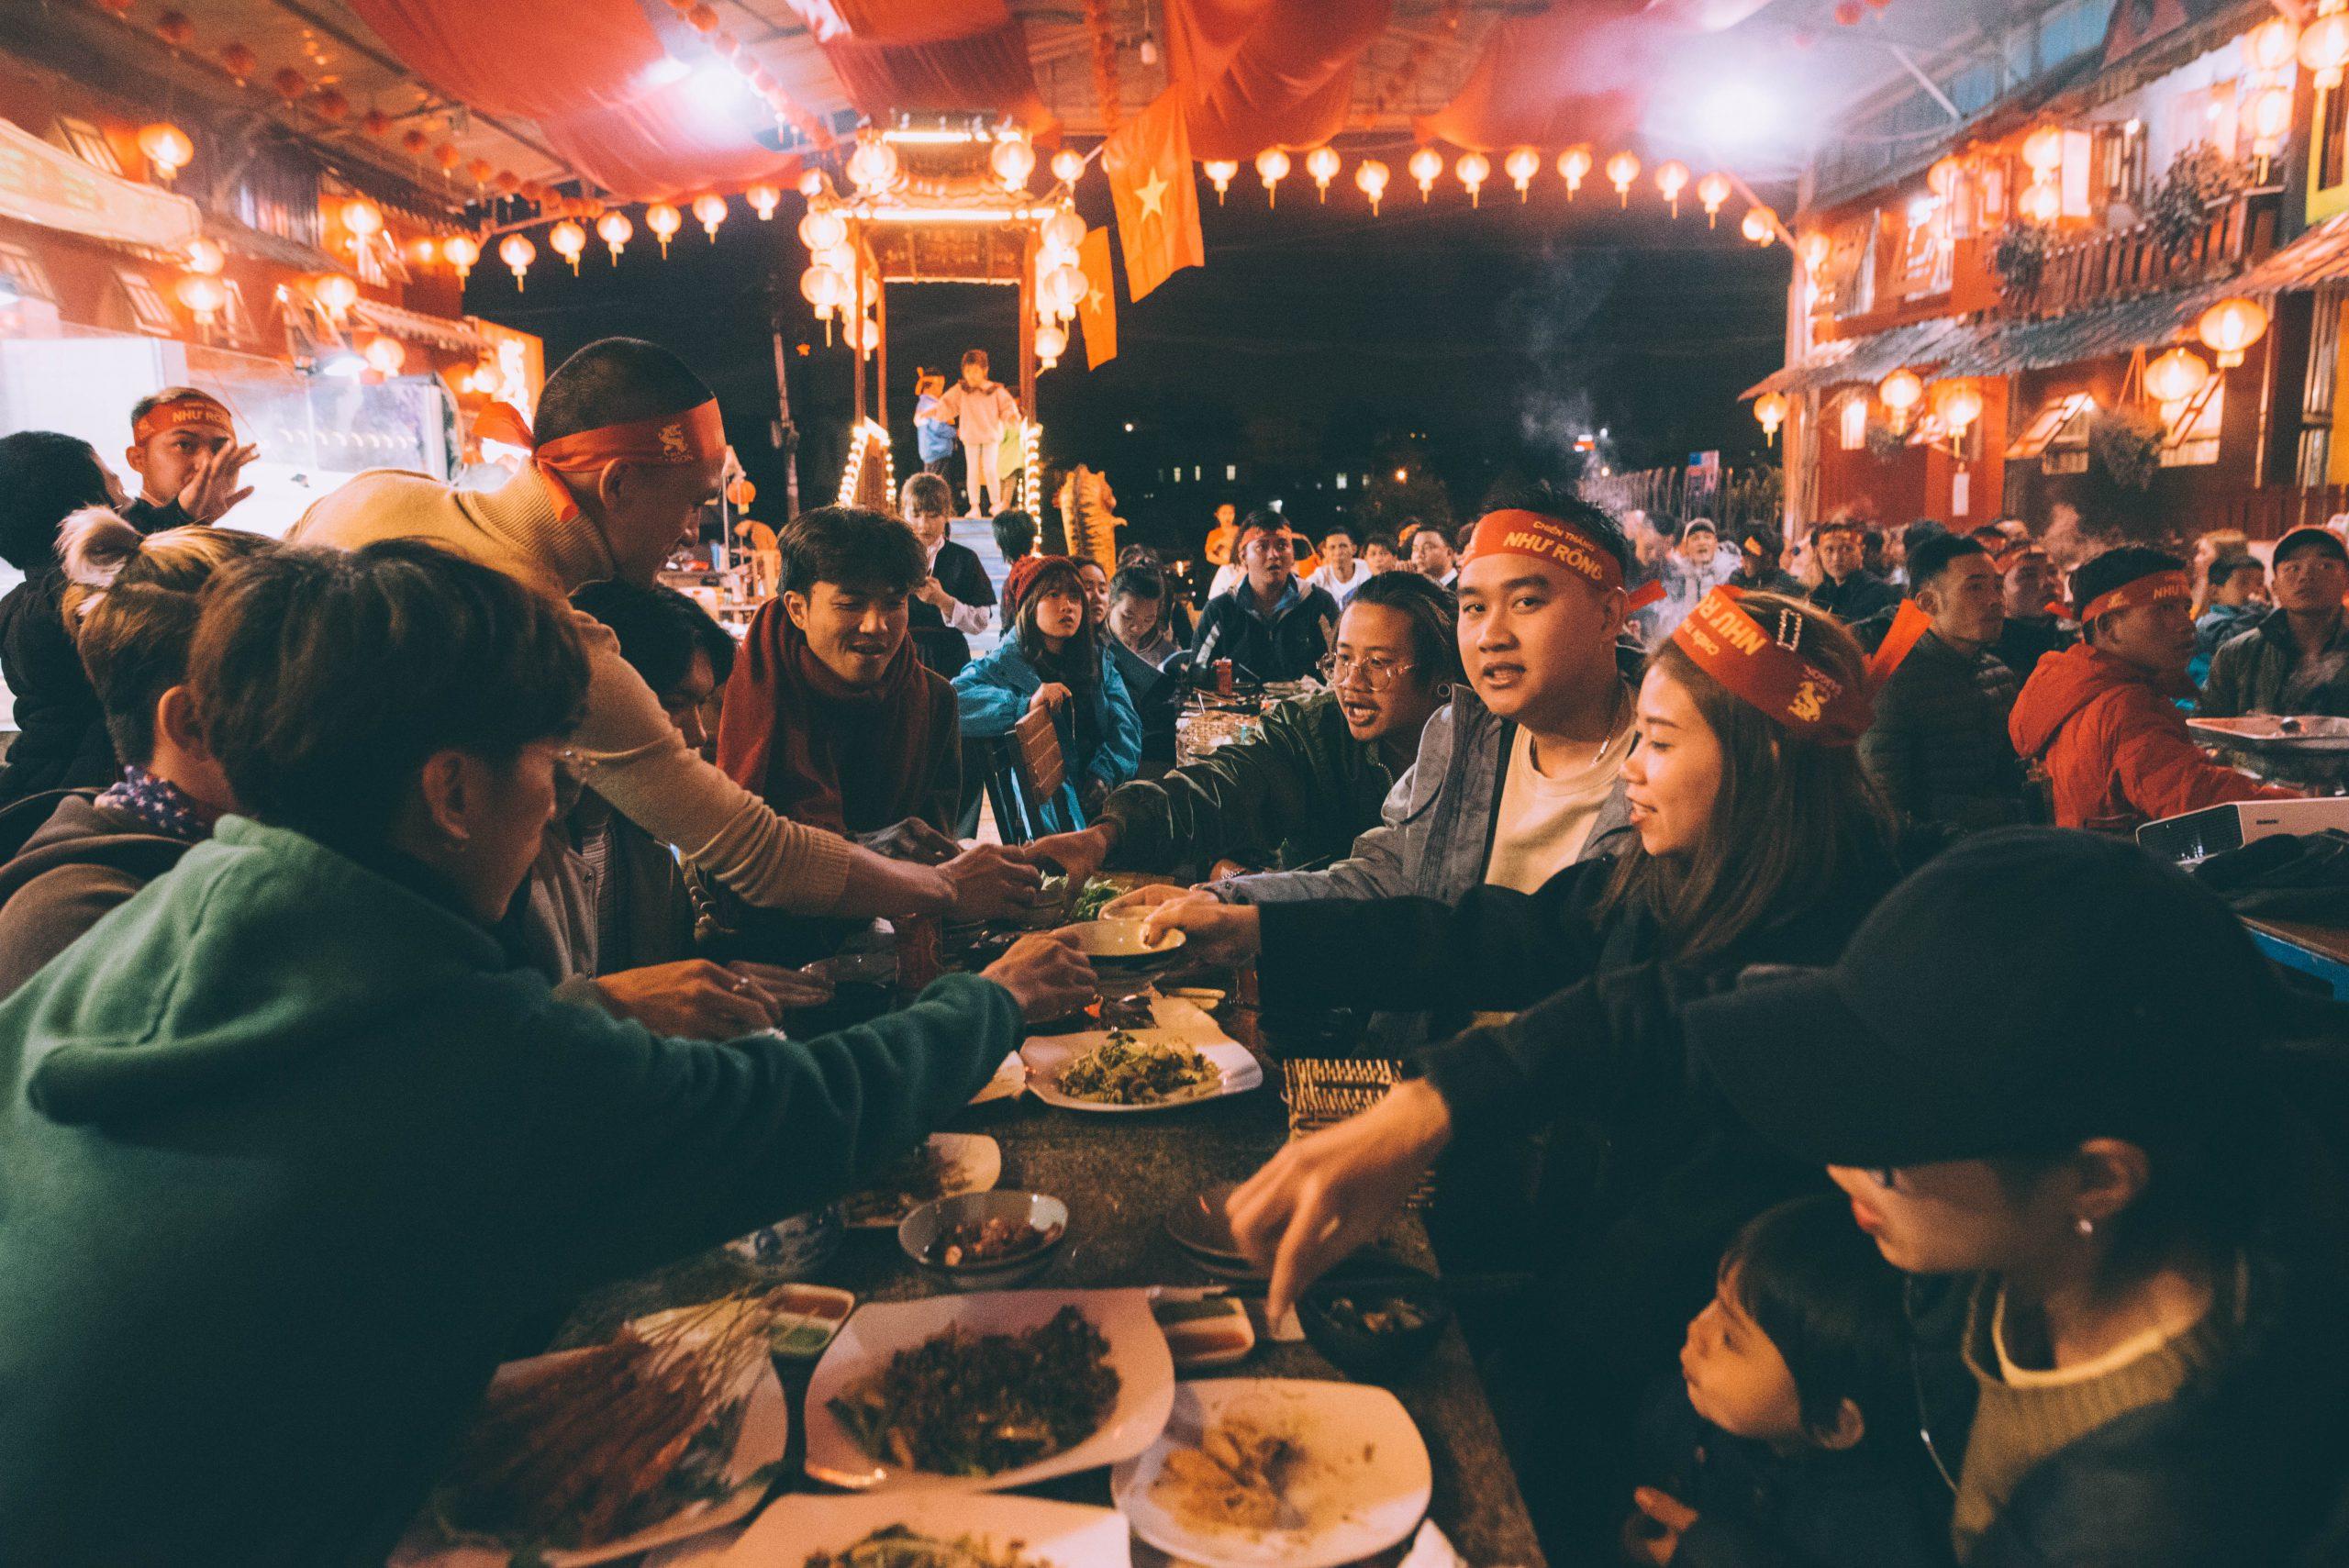 cùng bạn bè thưởng thức những món ăn ngon tại kiếm hiệp làng chài